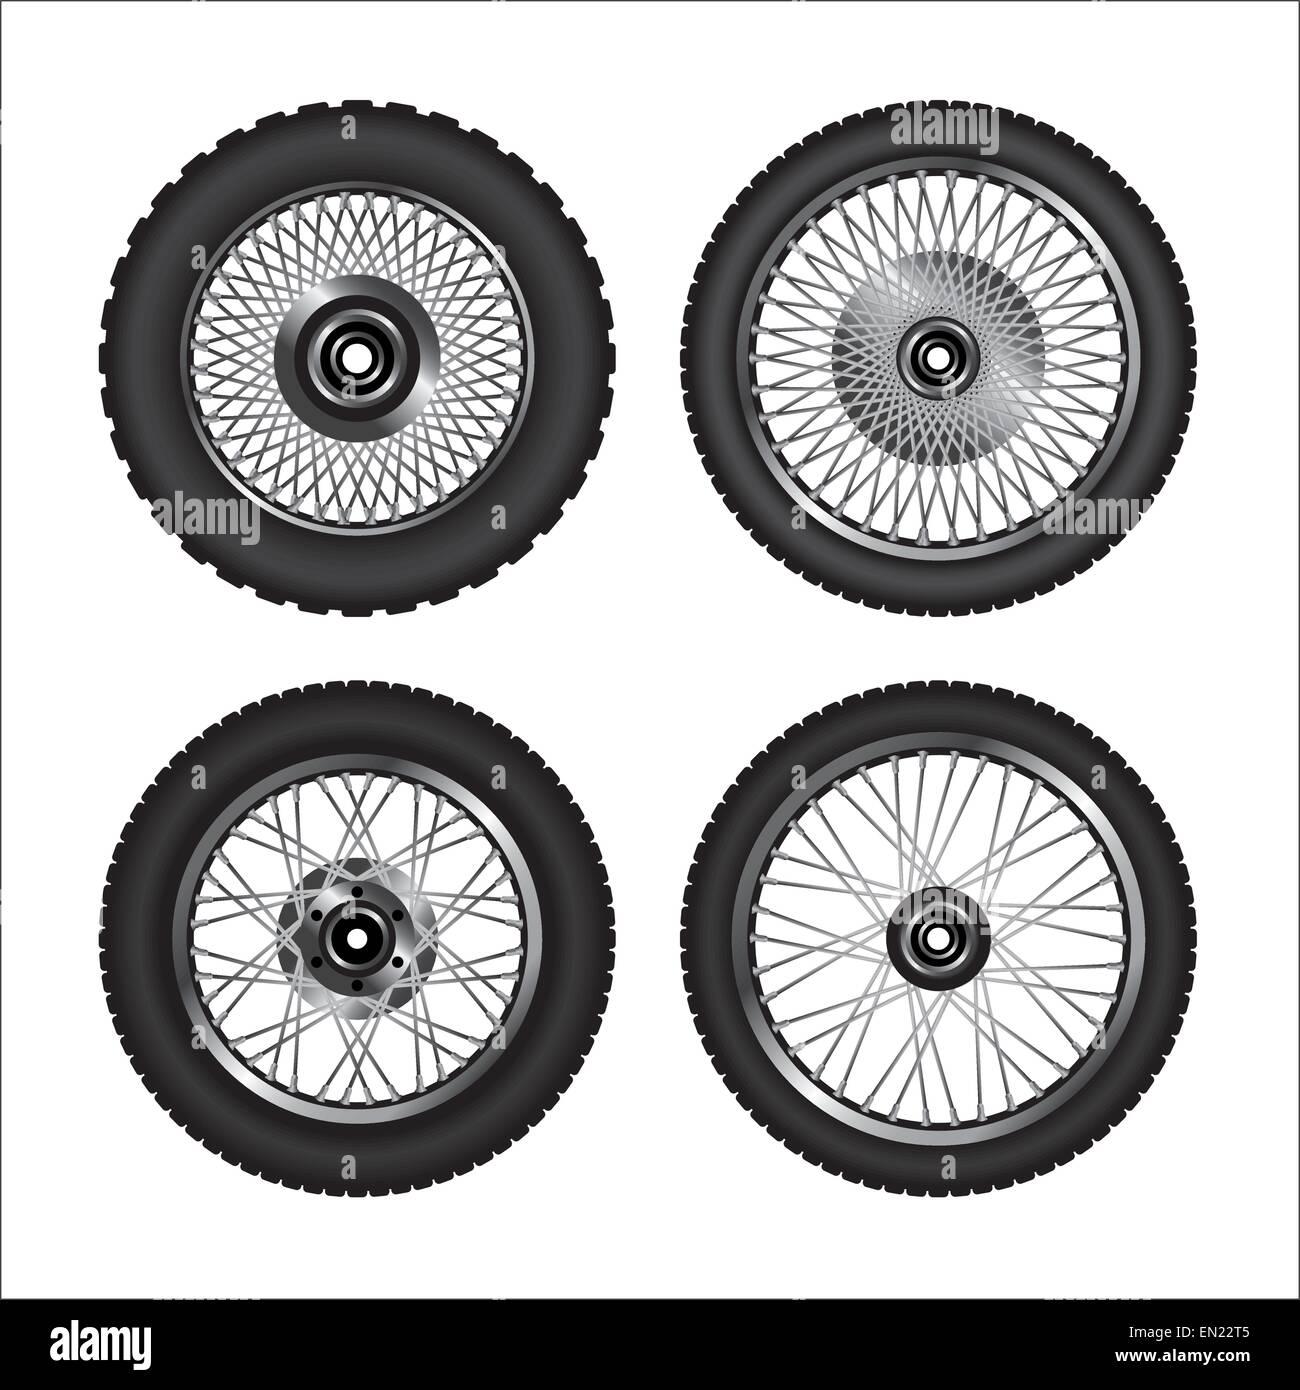 Detaillierten Motorradräder. Vektor-illustration Stockbild